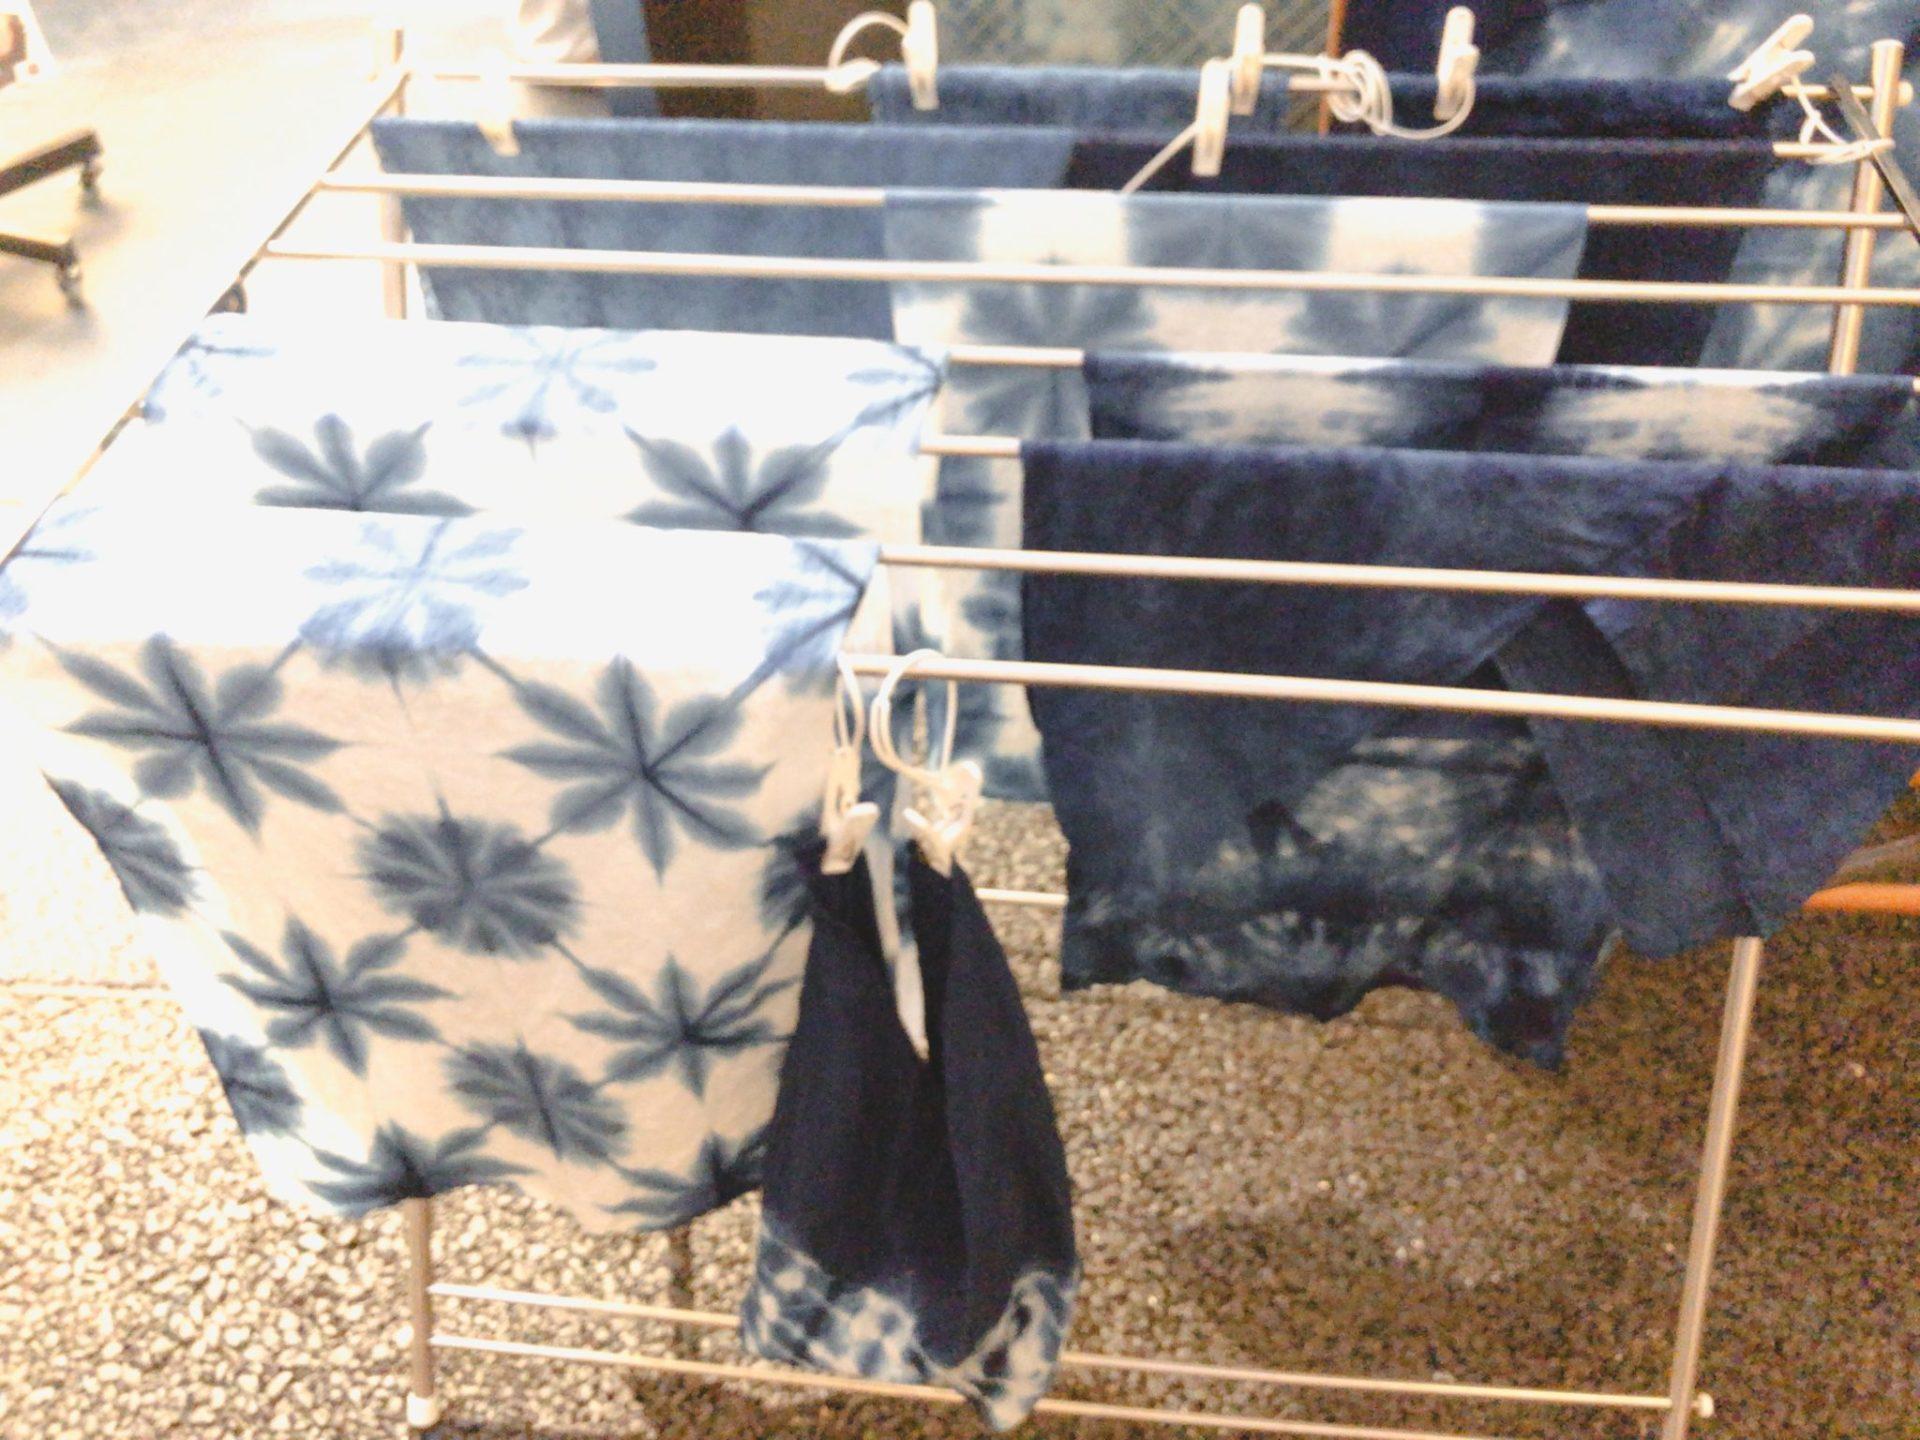 日比谷OKUROJI(ヒビヤオクロジ)の水野染工場の藍染